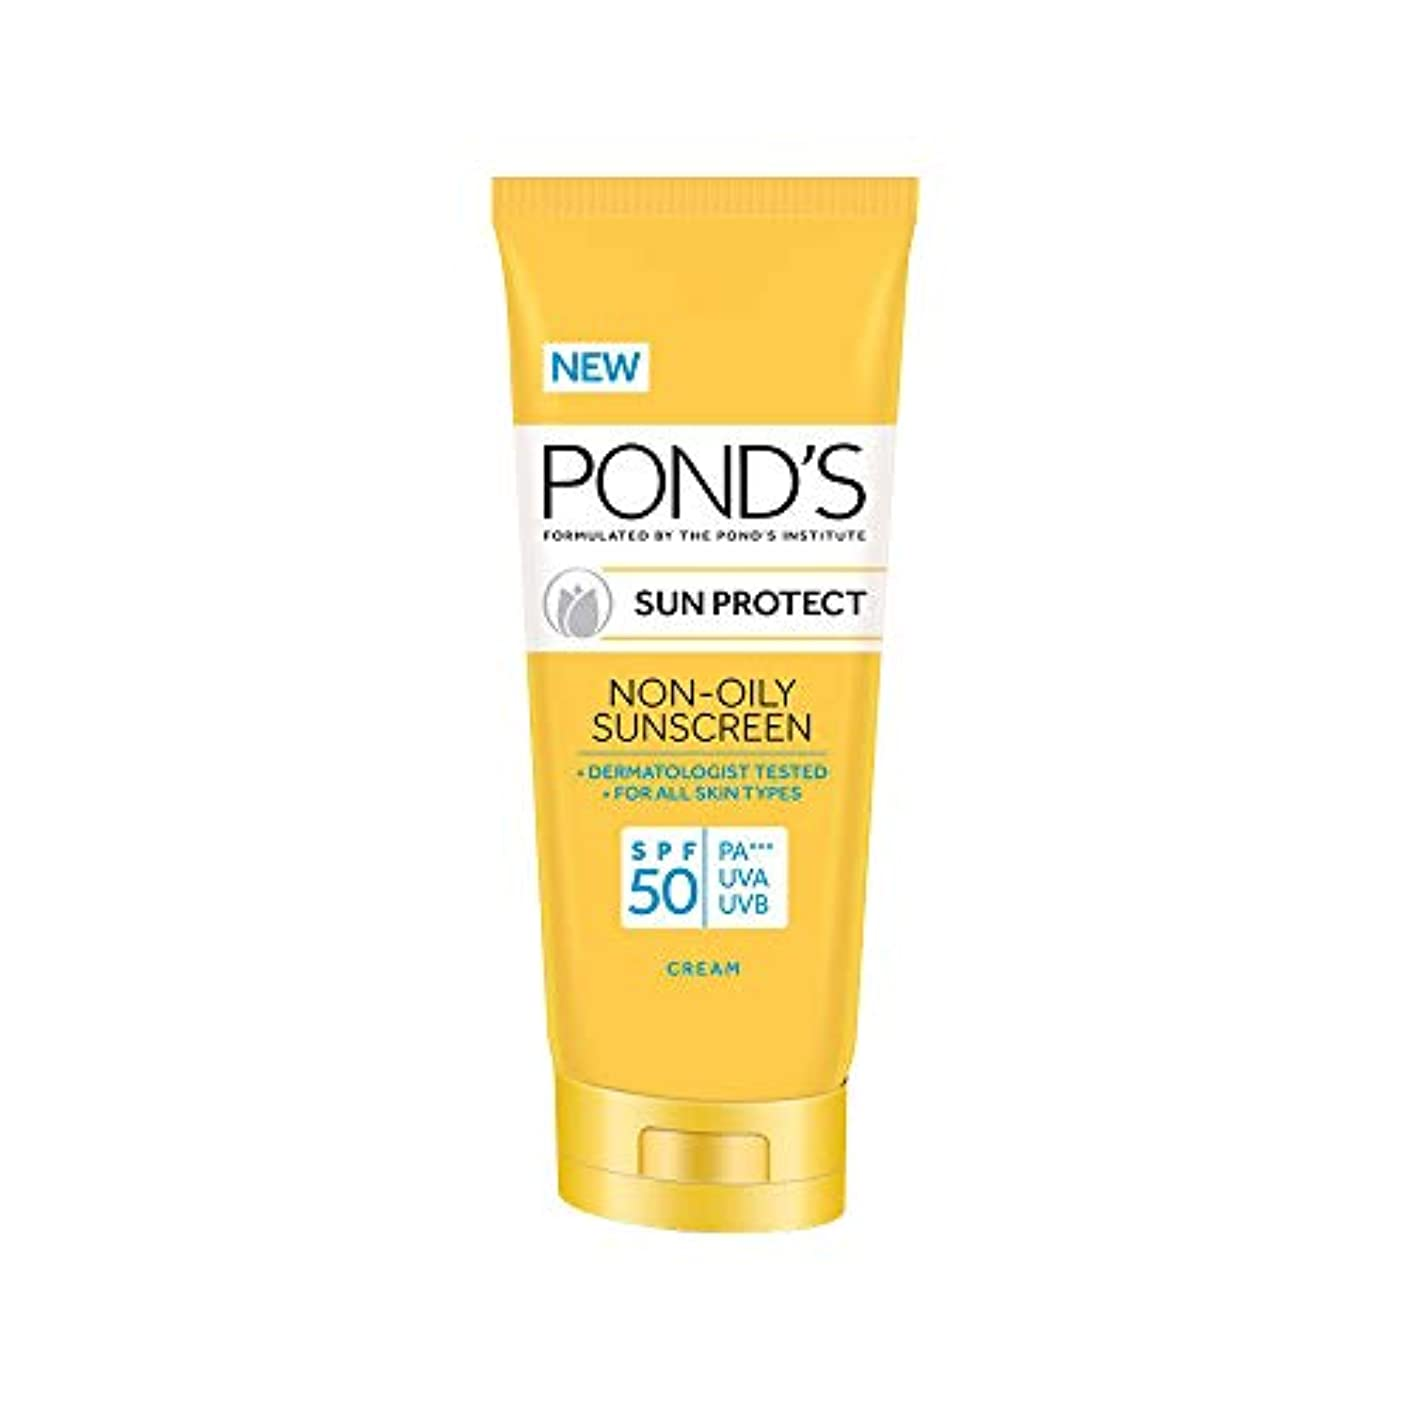 POND'S SPF 50 Sun Protect Non-Oily Sunscreen, 80 g